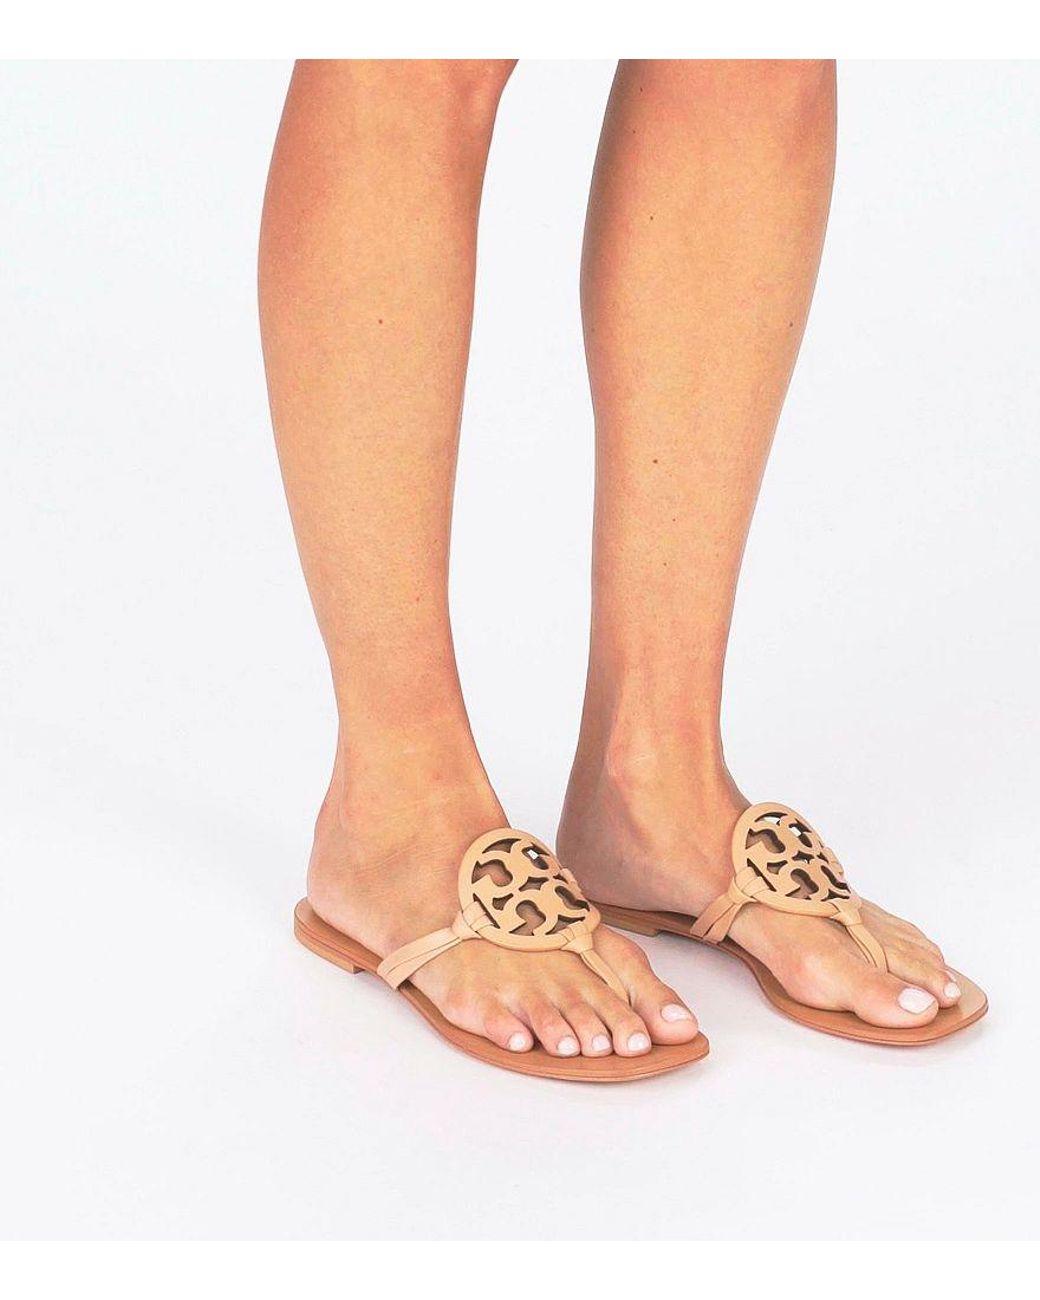 7e76a08a1 Lyst - Tory Burch Miller Square-toe Sandals